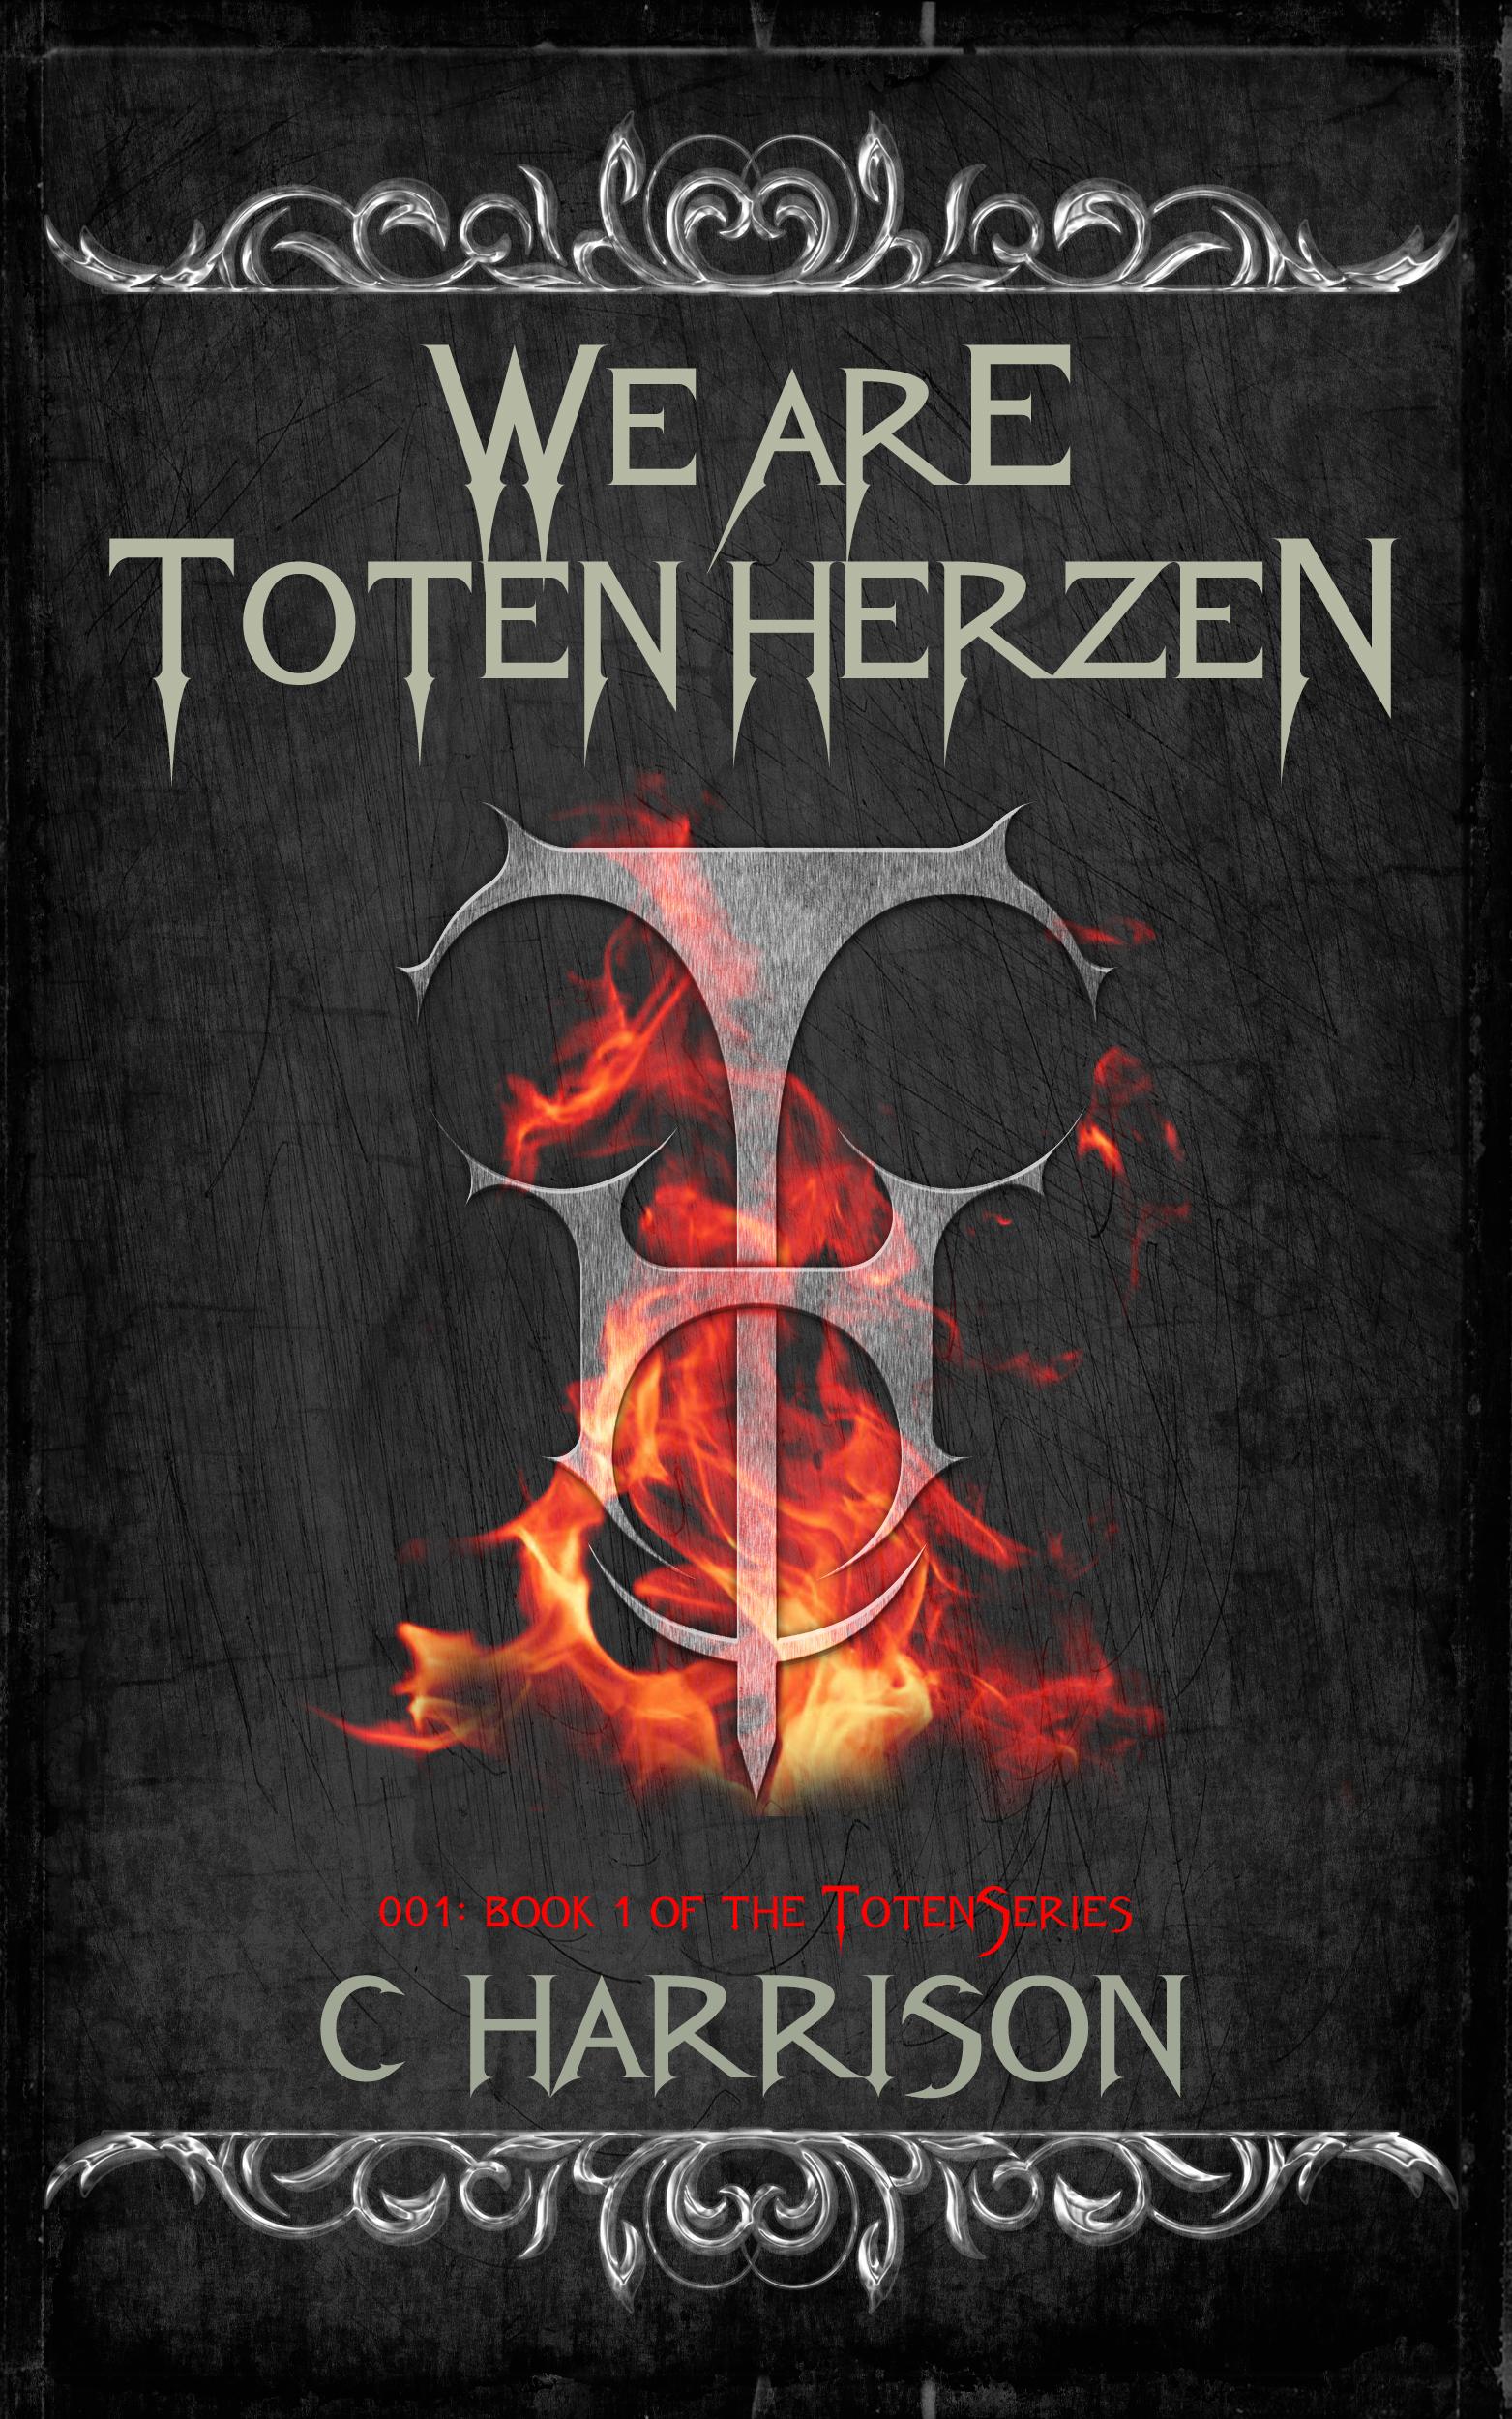 Book 1 We Are Toten Herzen covercover